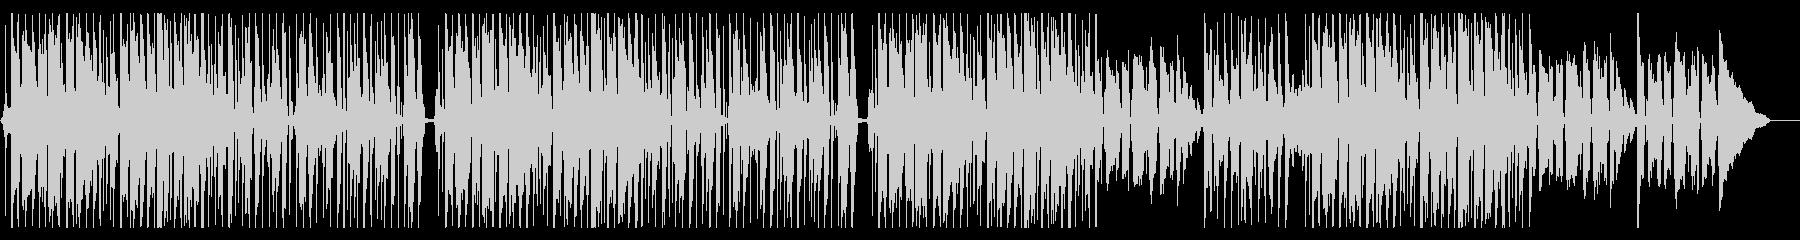 オシャレで大人な雰囲気のR&Bの未再生の波形